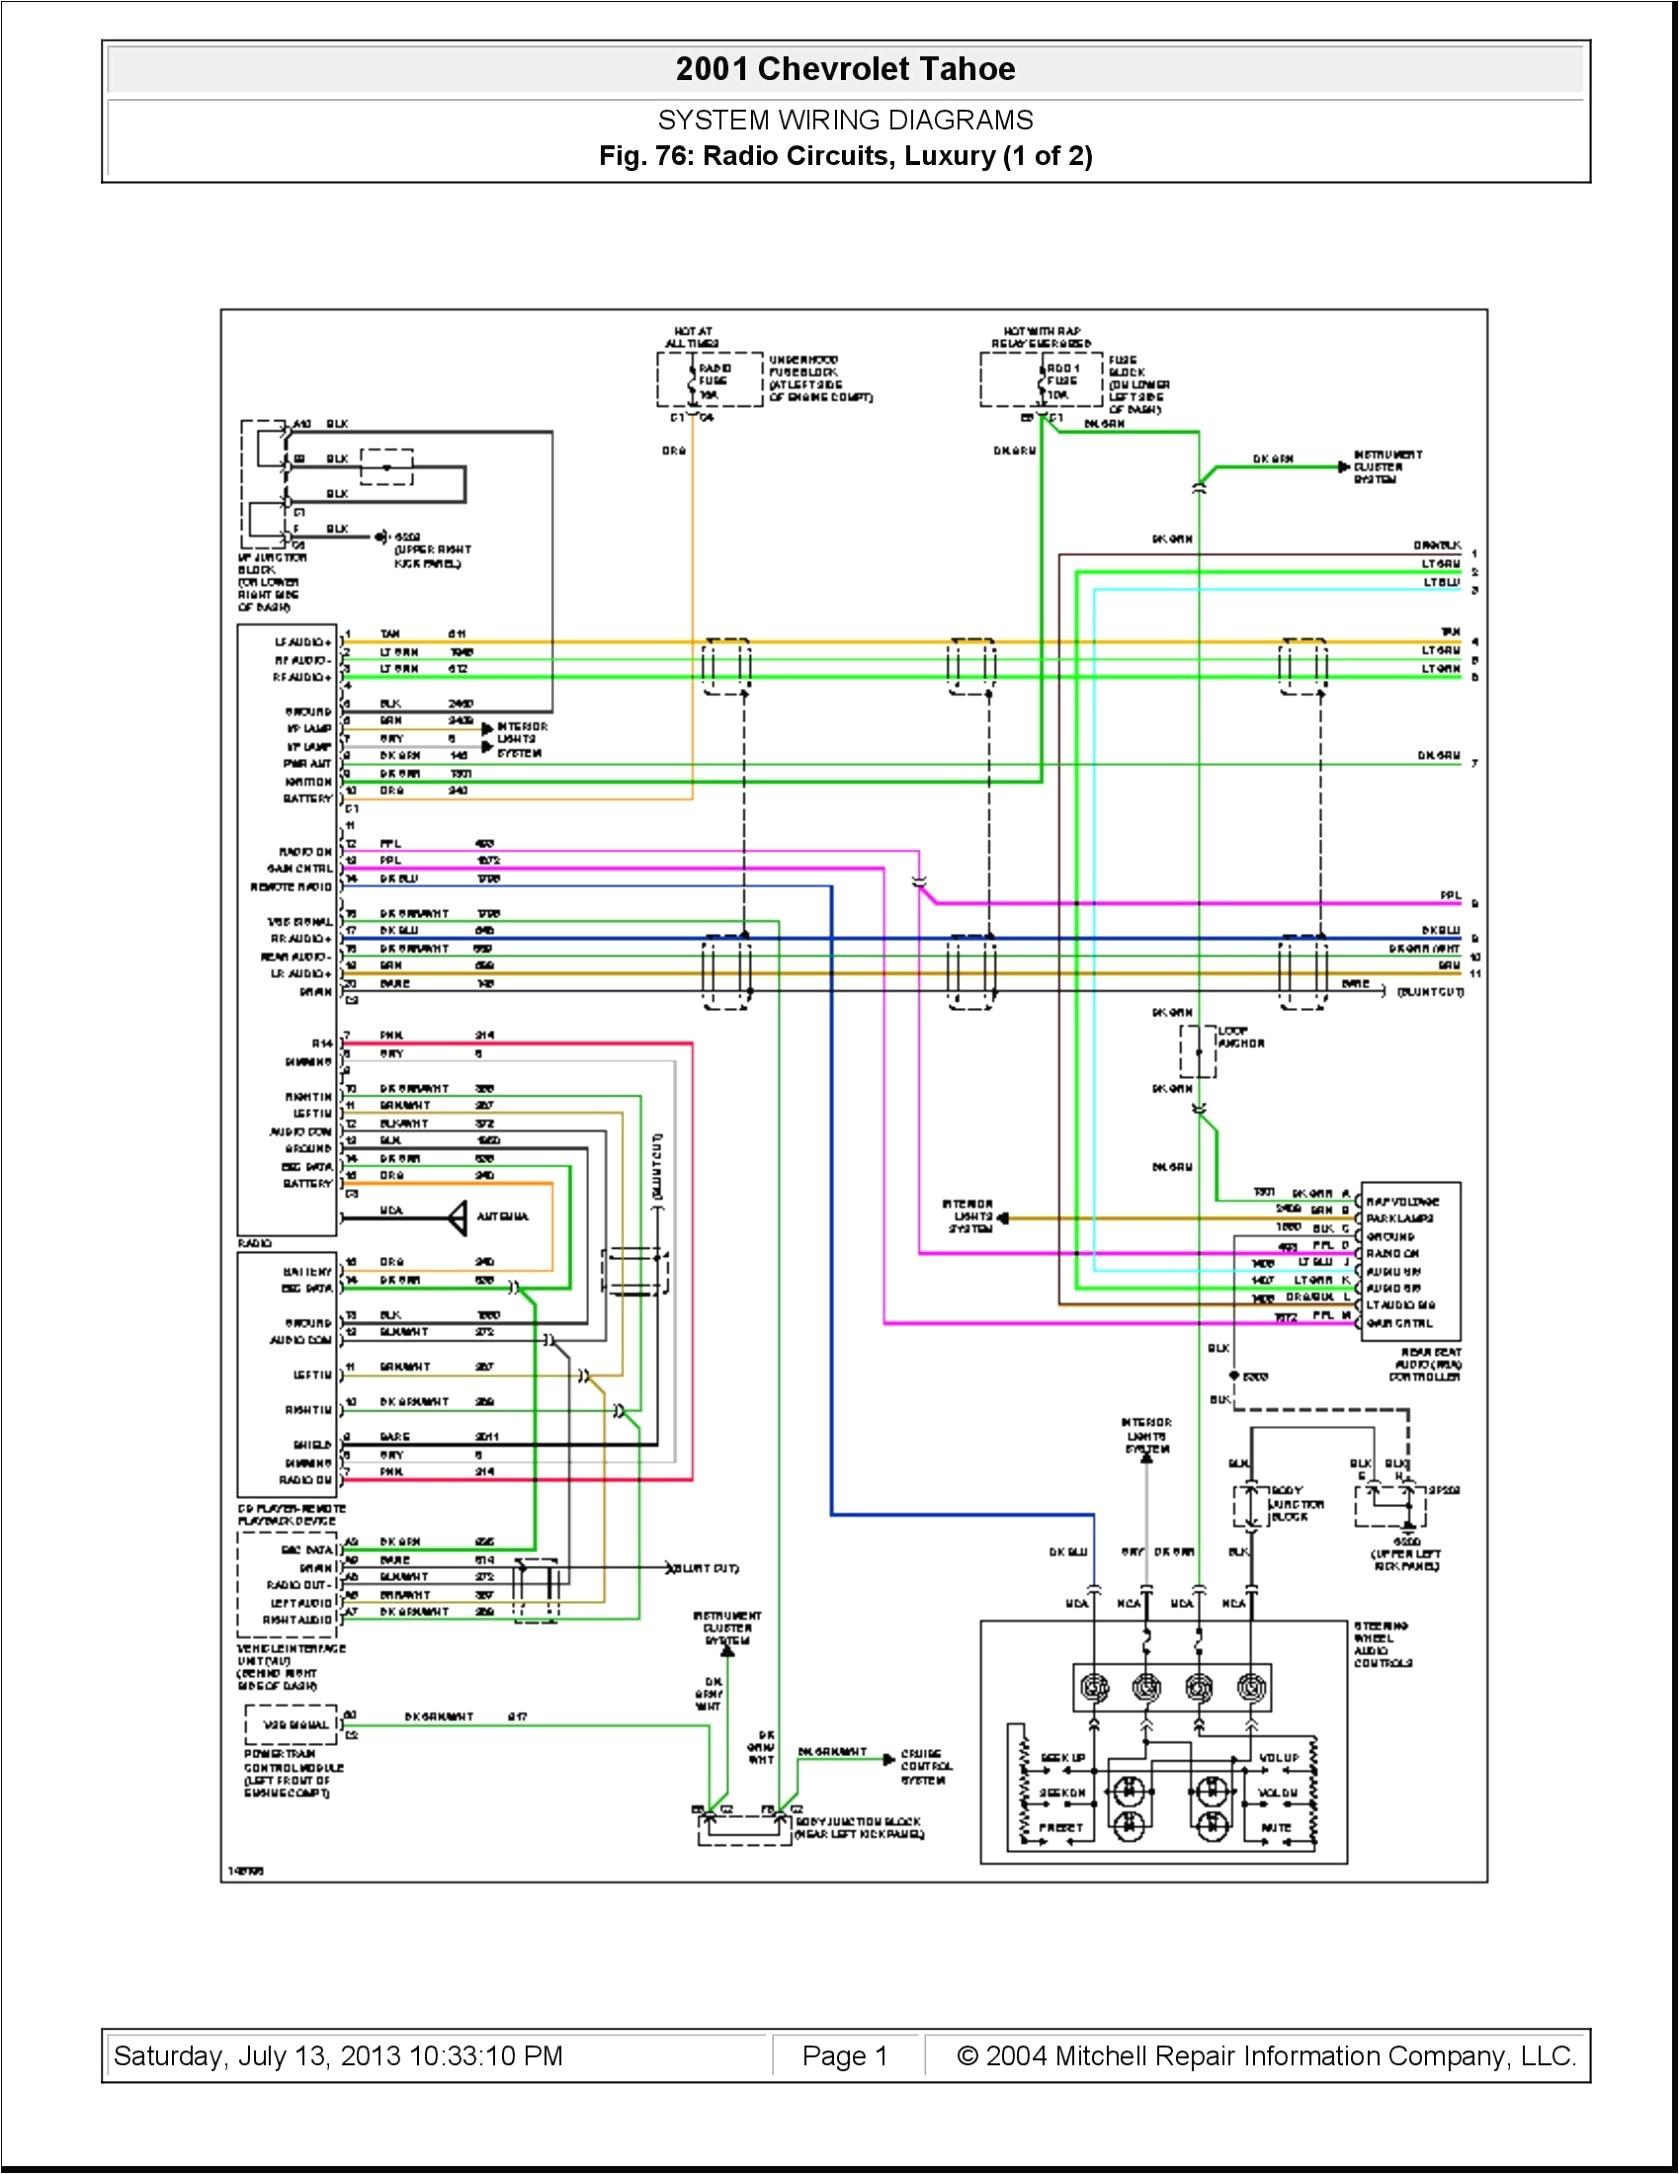 2008 Silverado Wiring Diagram 68 Chevy Impala Radio Wiring Diagram Wiring Diagram Post